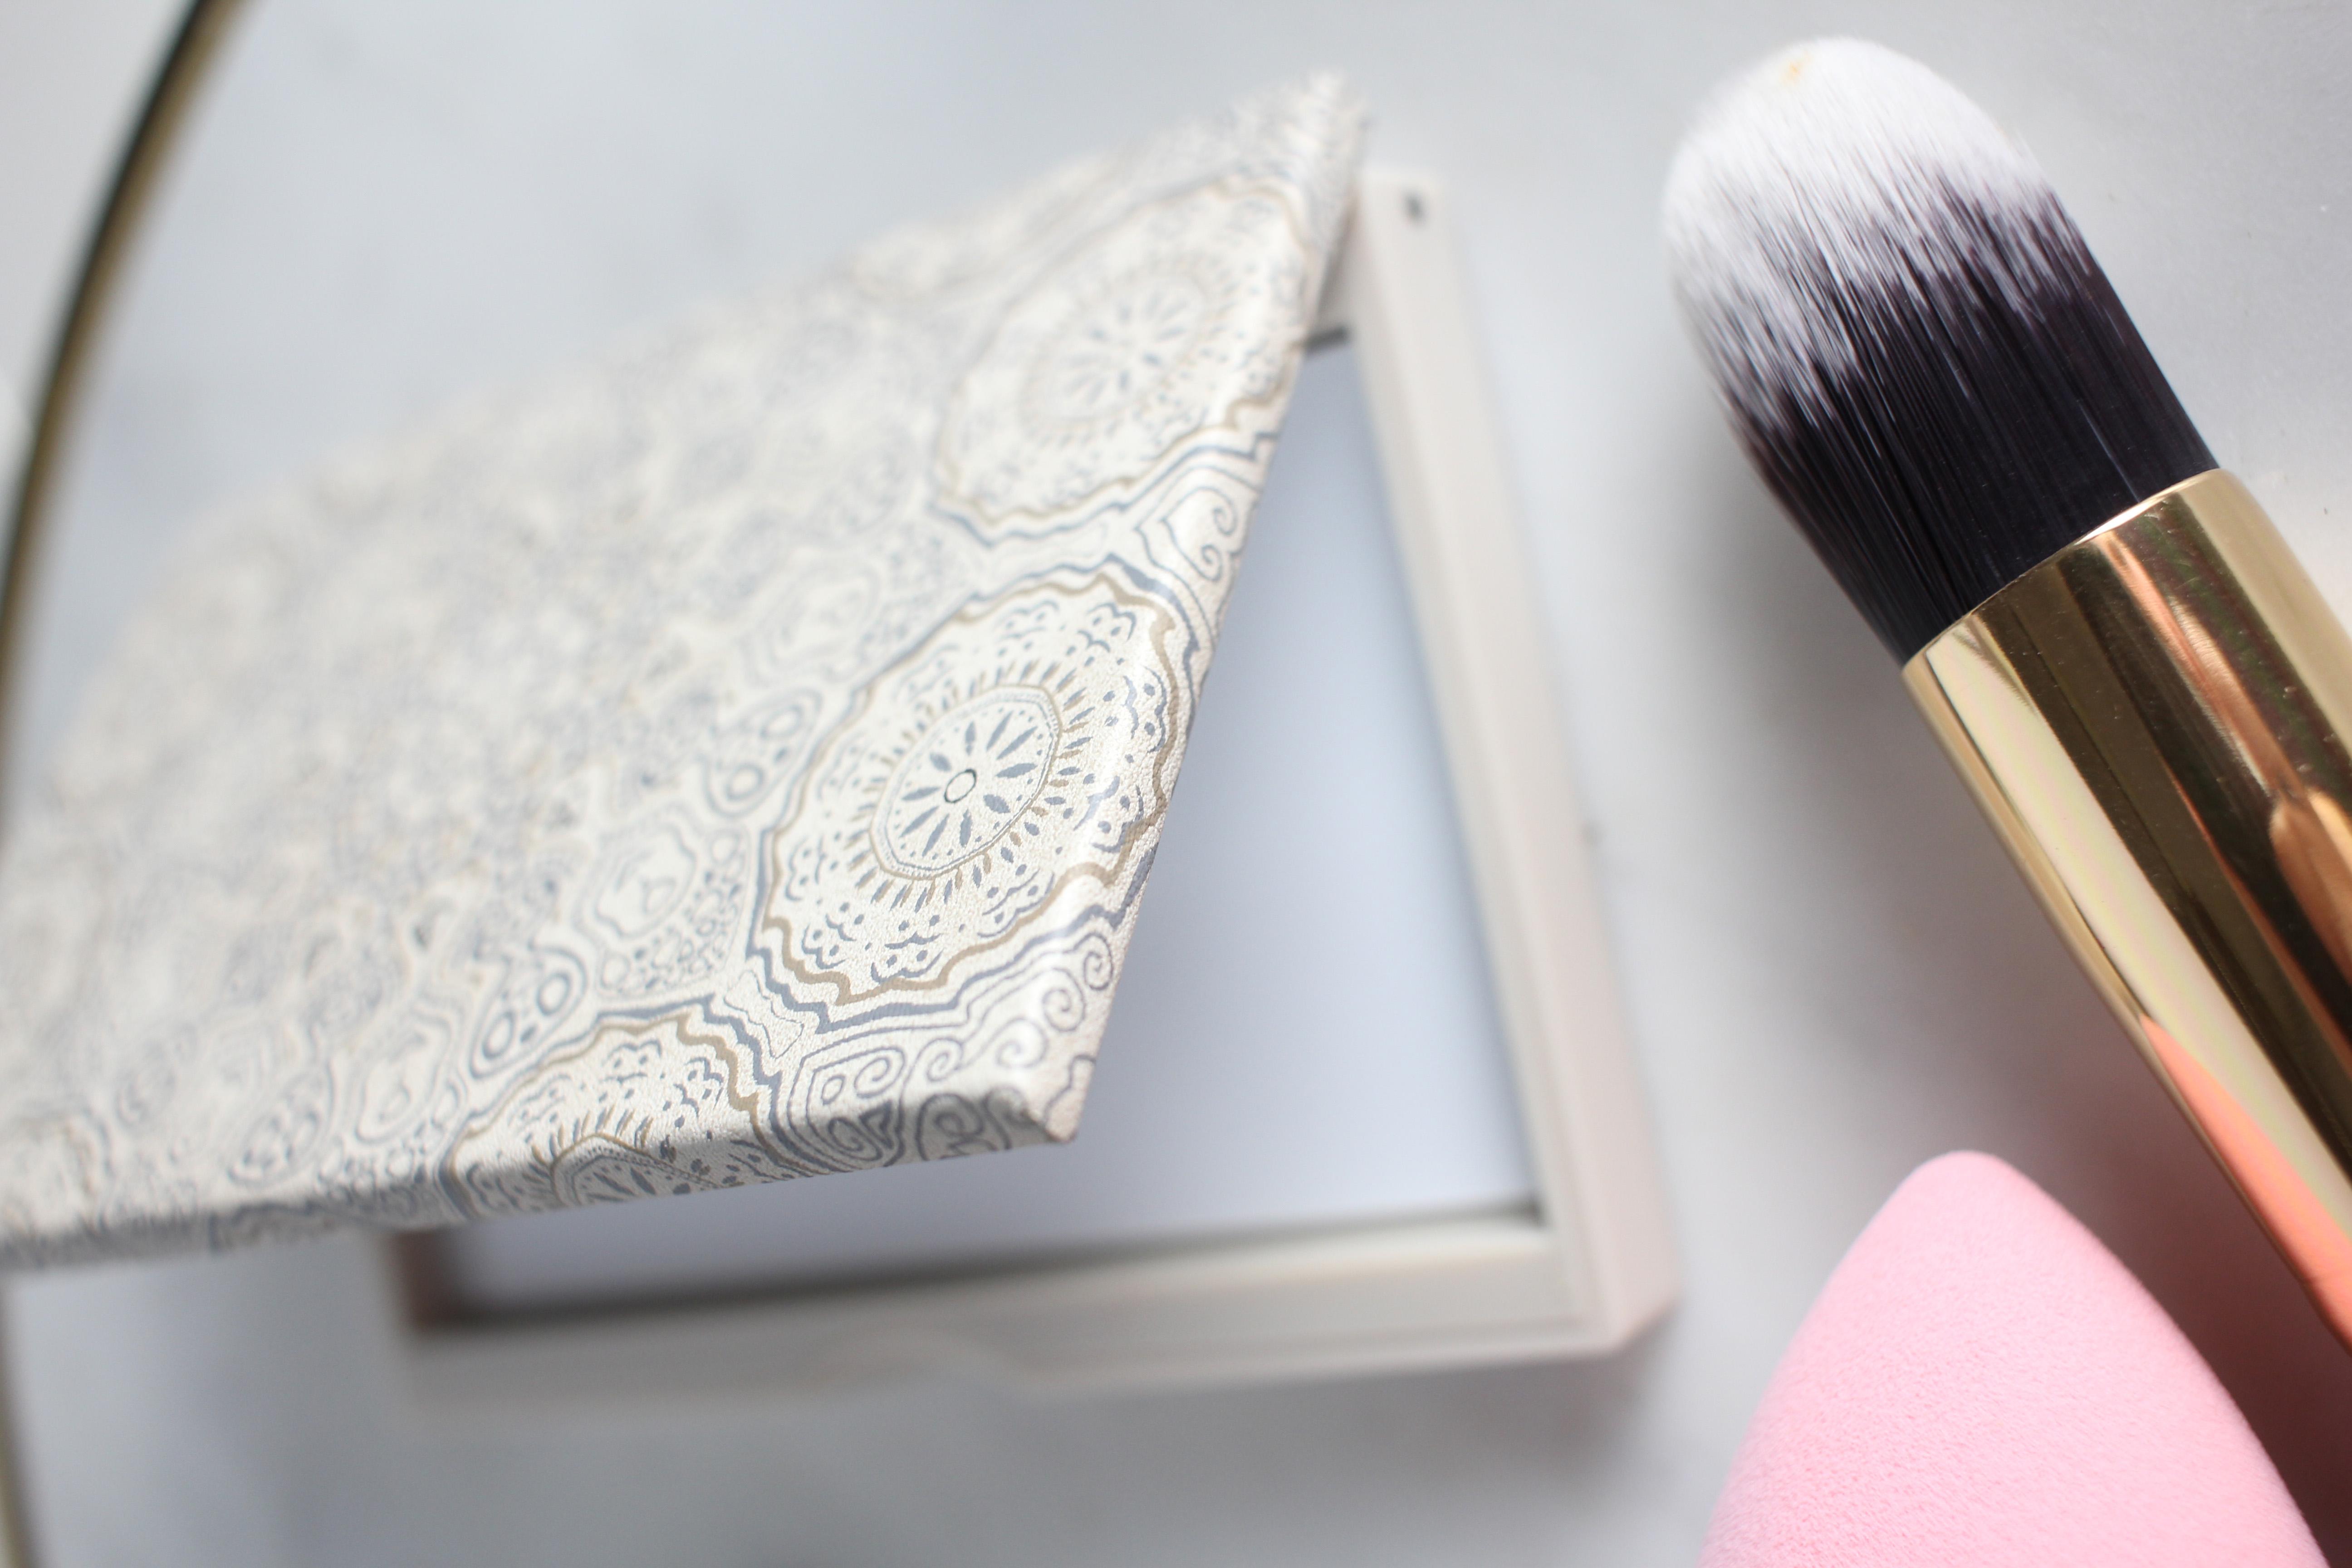 Maskcara IIID HAC Foundation palette | Maskcara Beauty Review | Maskcara Beauty Hits and Misses